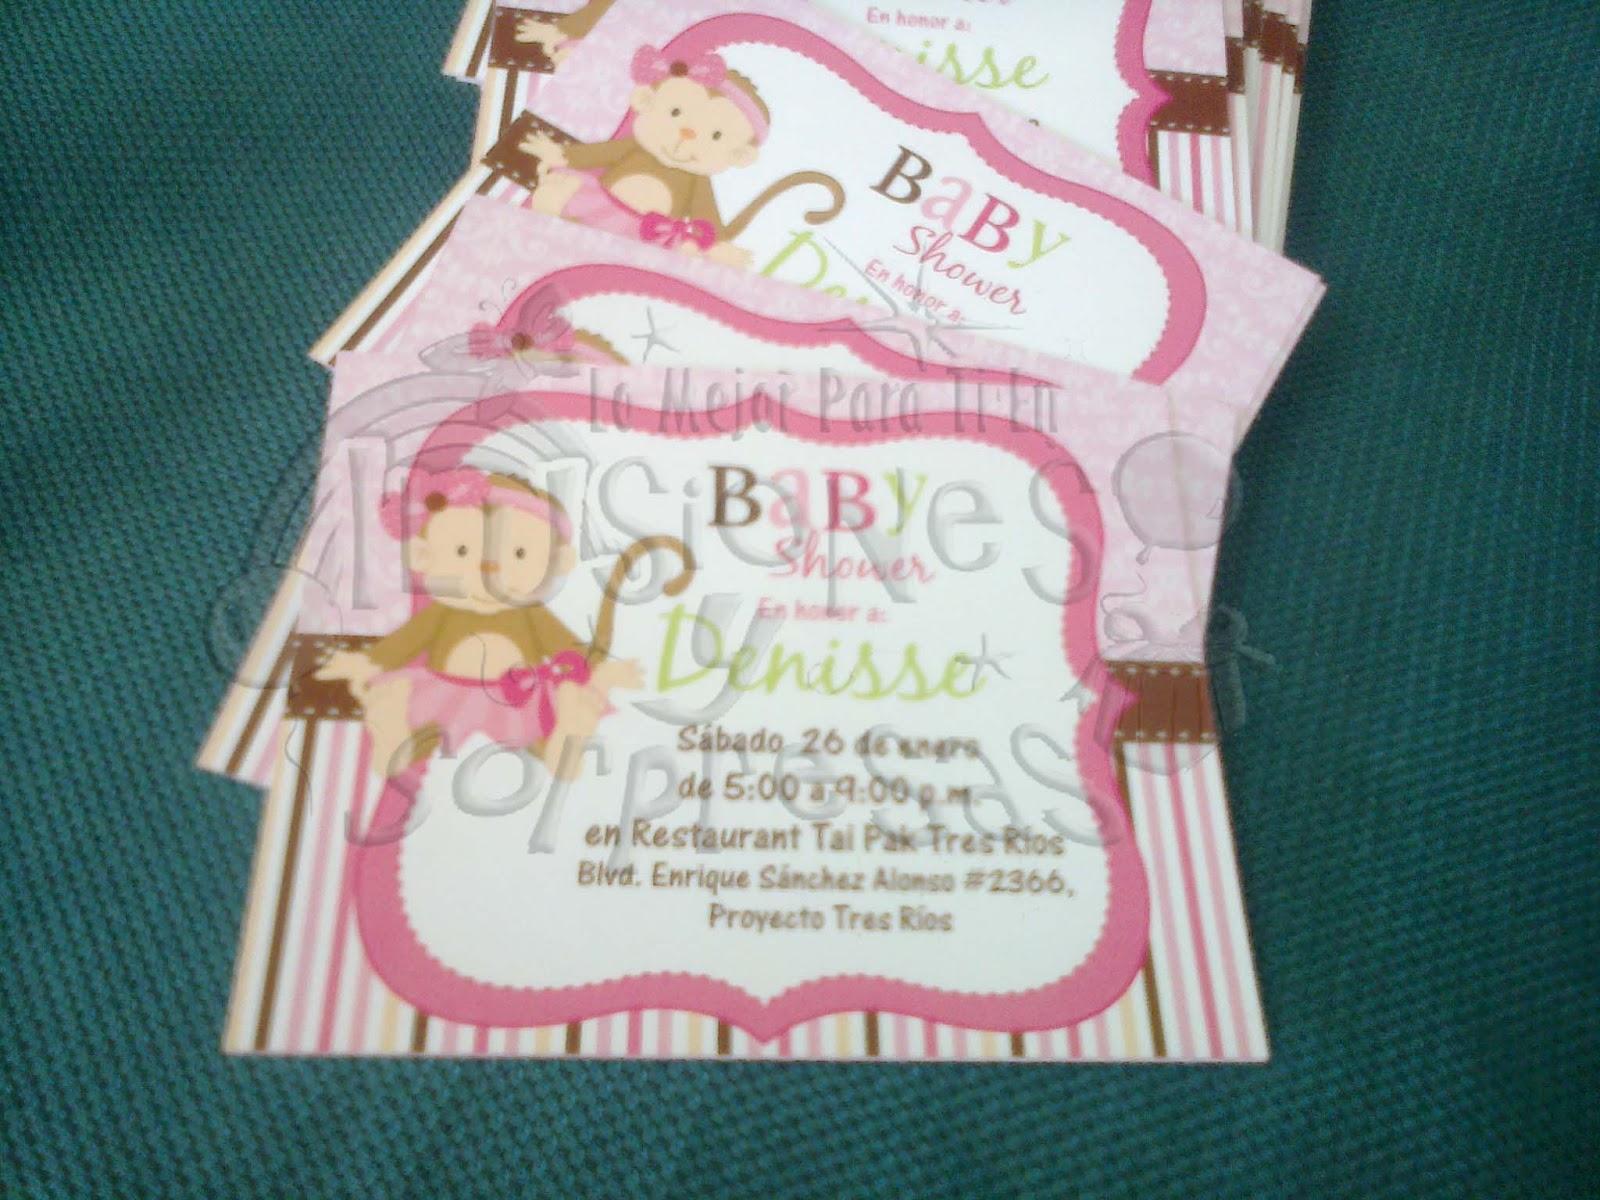 Detalles para tus eventos sociales invitaciones baby shower changuita - Detalles para baby shower ...